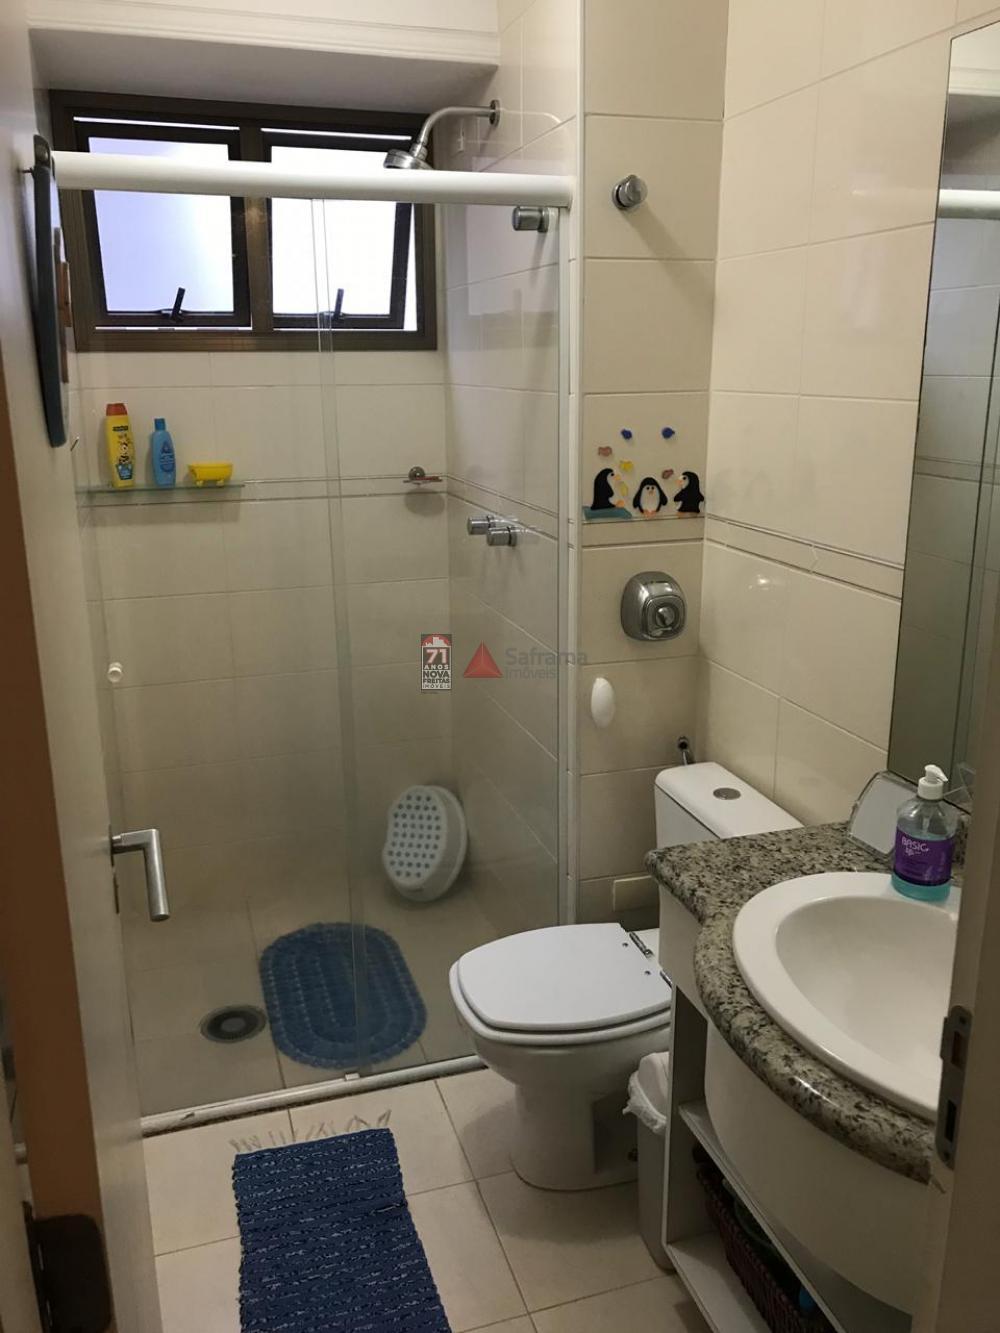 Comprar Apartamento / Padrão em São José dos Campos apenas R$ 795.000,00 - Foto 16